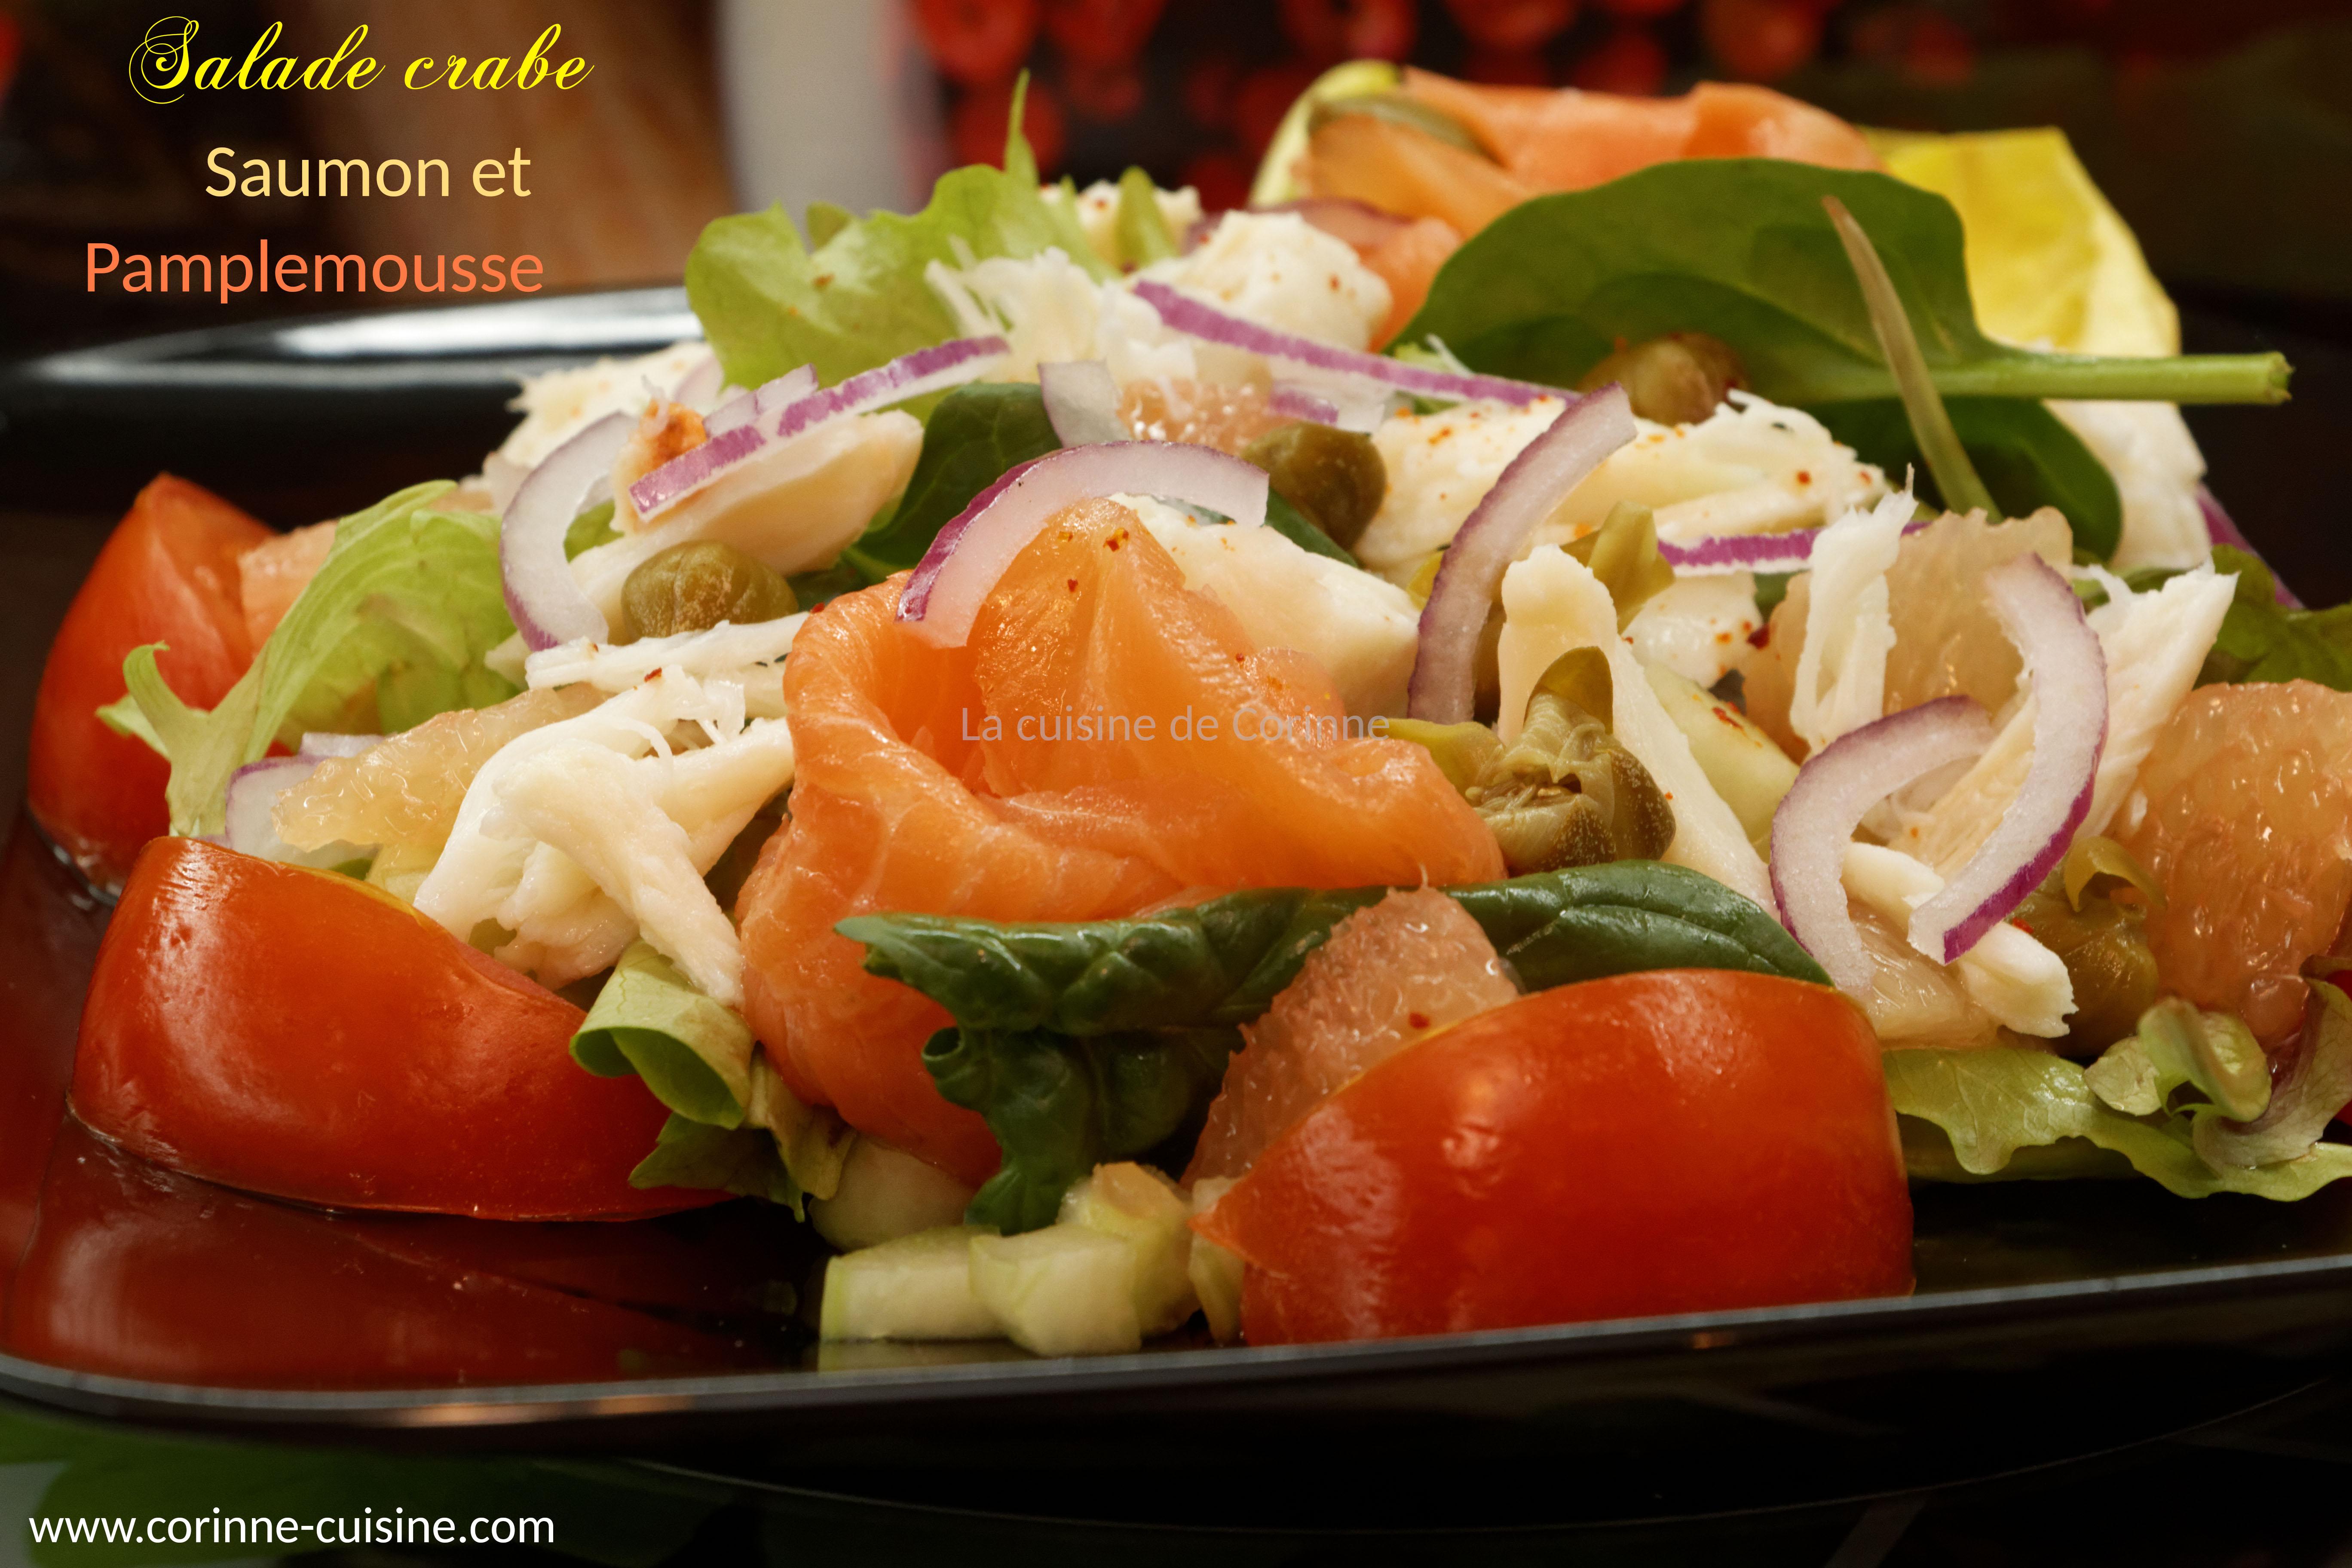 Salade crabe saumon fumé et pamplemousse